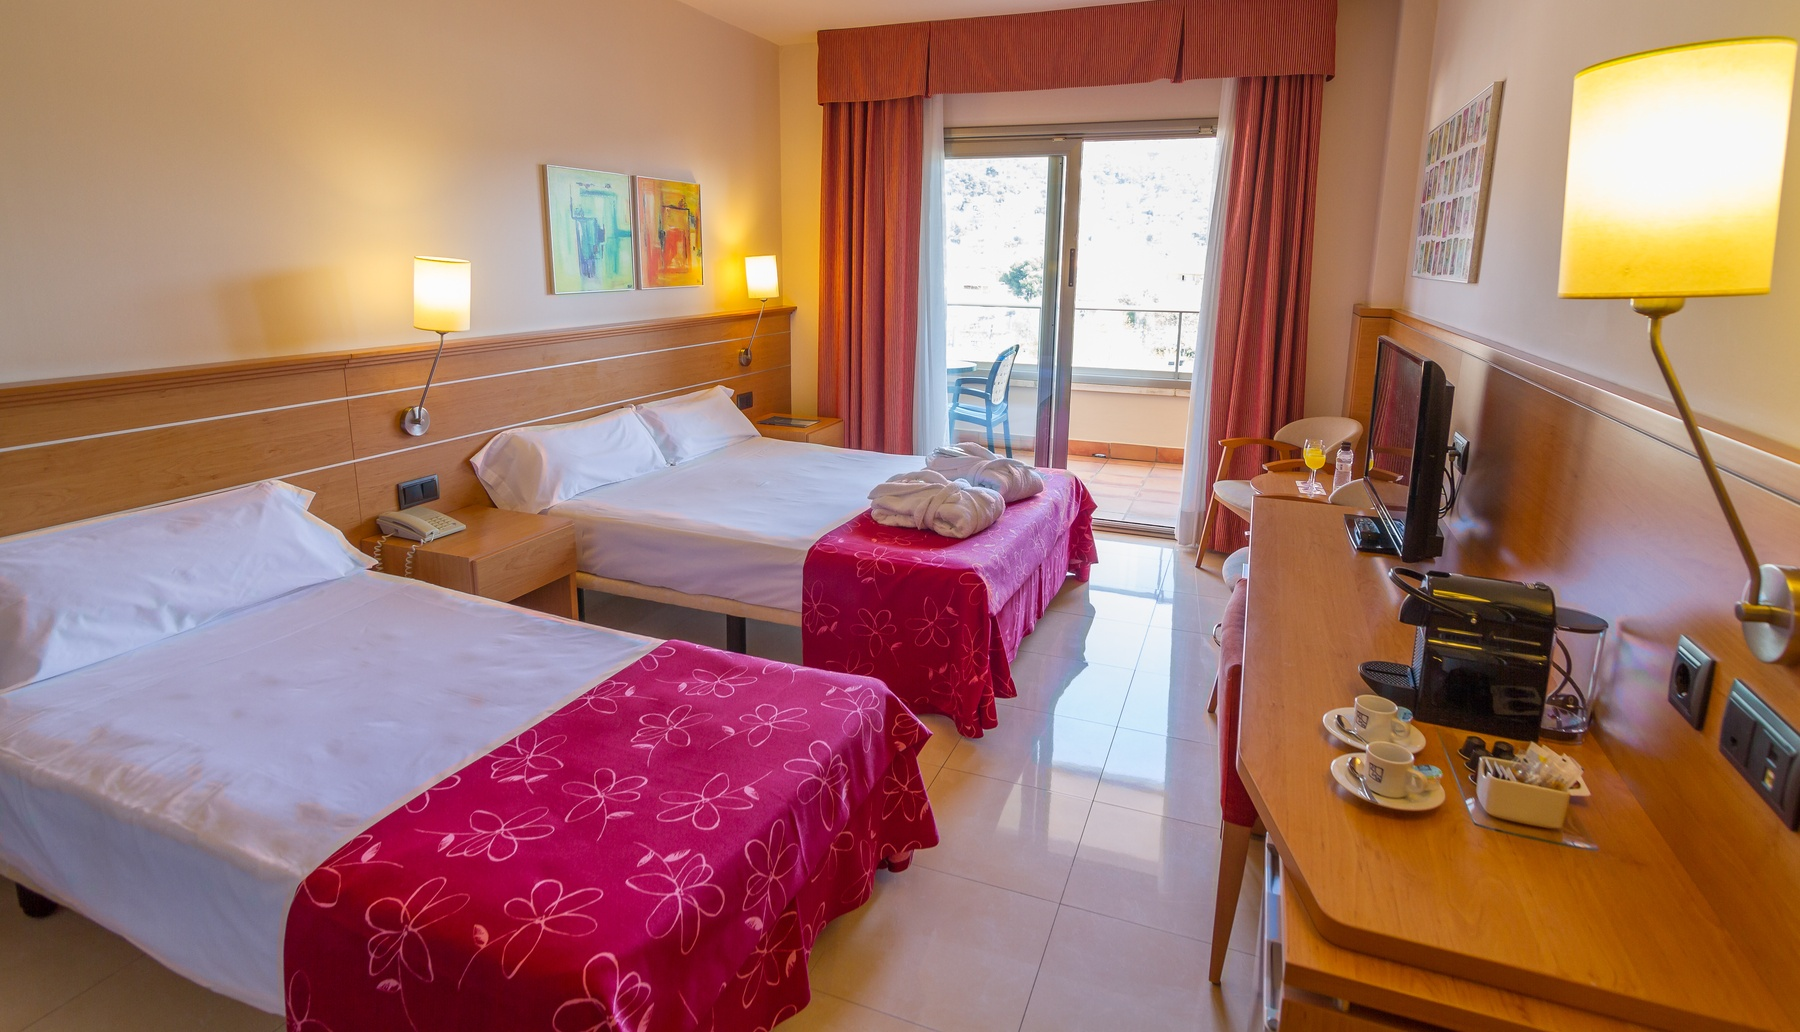 hotel habitacions familiars Costa Brava habitacions grans